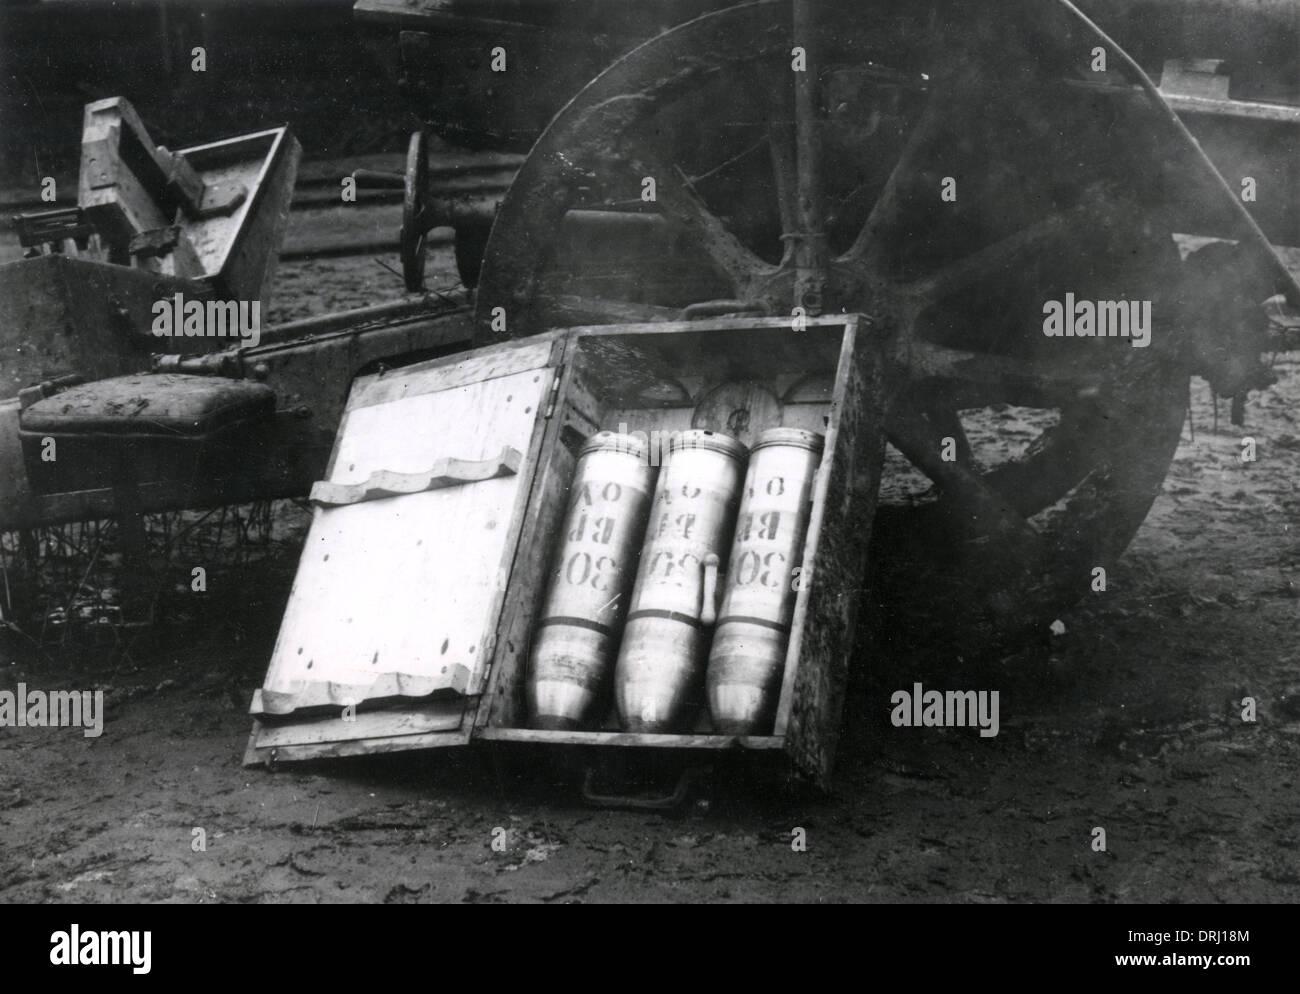 Armi austriache catturato dai russi, WW1 Foto Stock